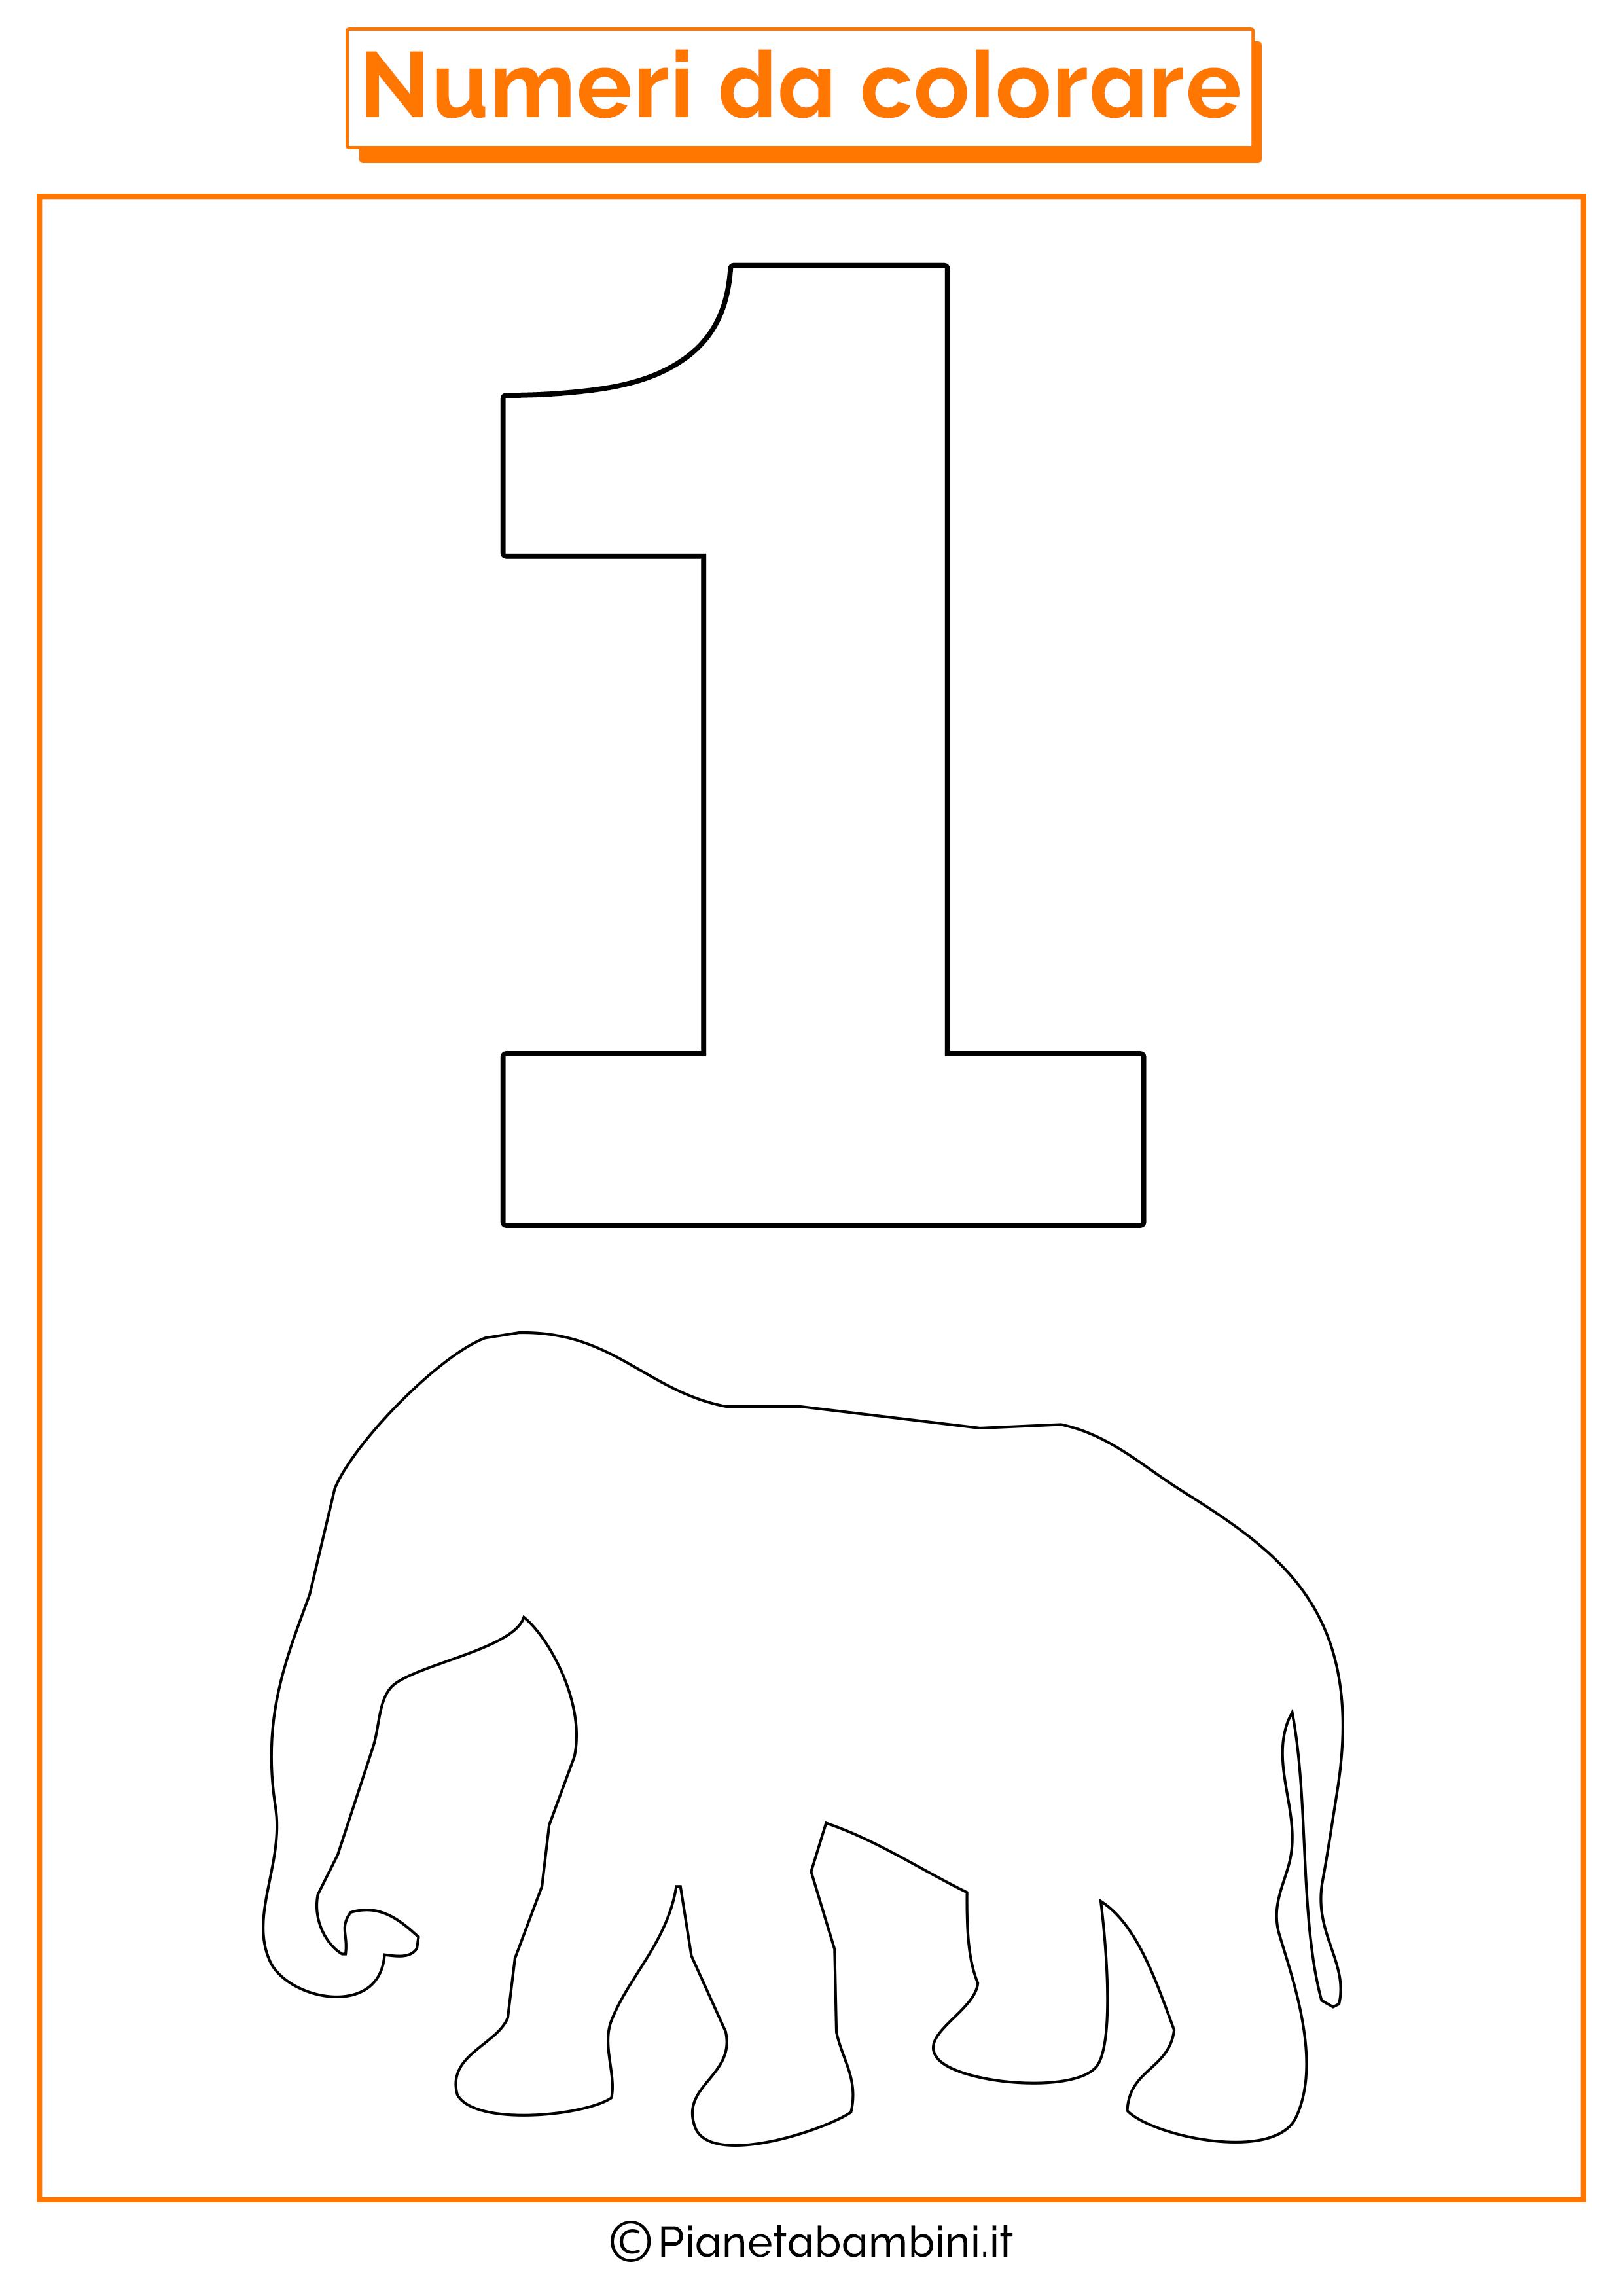 Bellissimo disegni da colorare numeri bambini for Disegni da stampare colorare e ritagliare